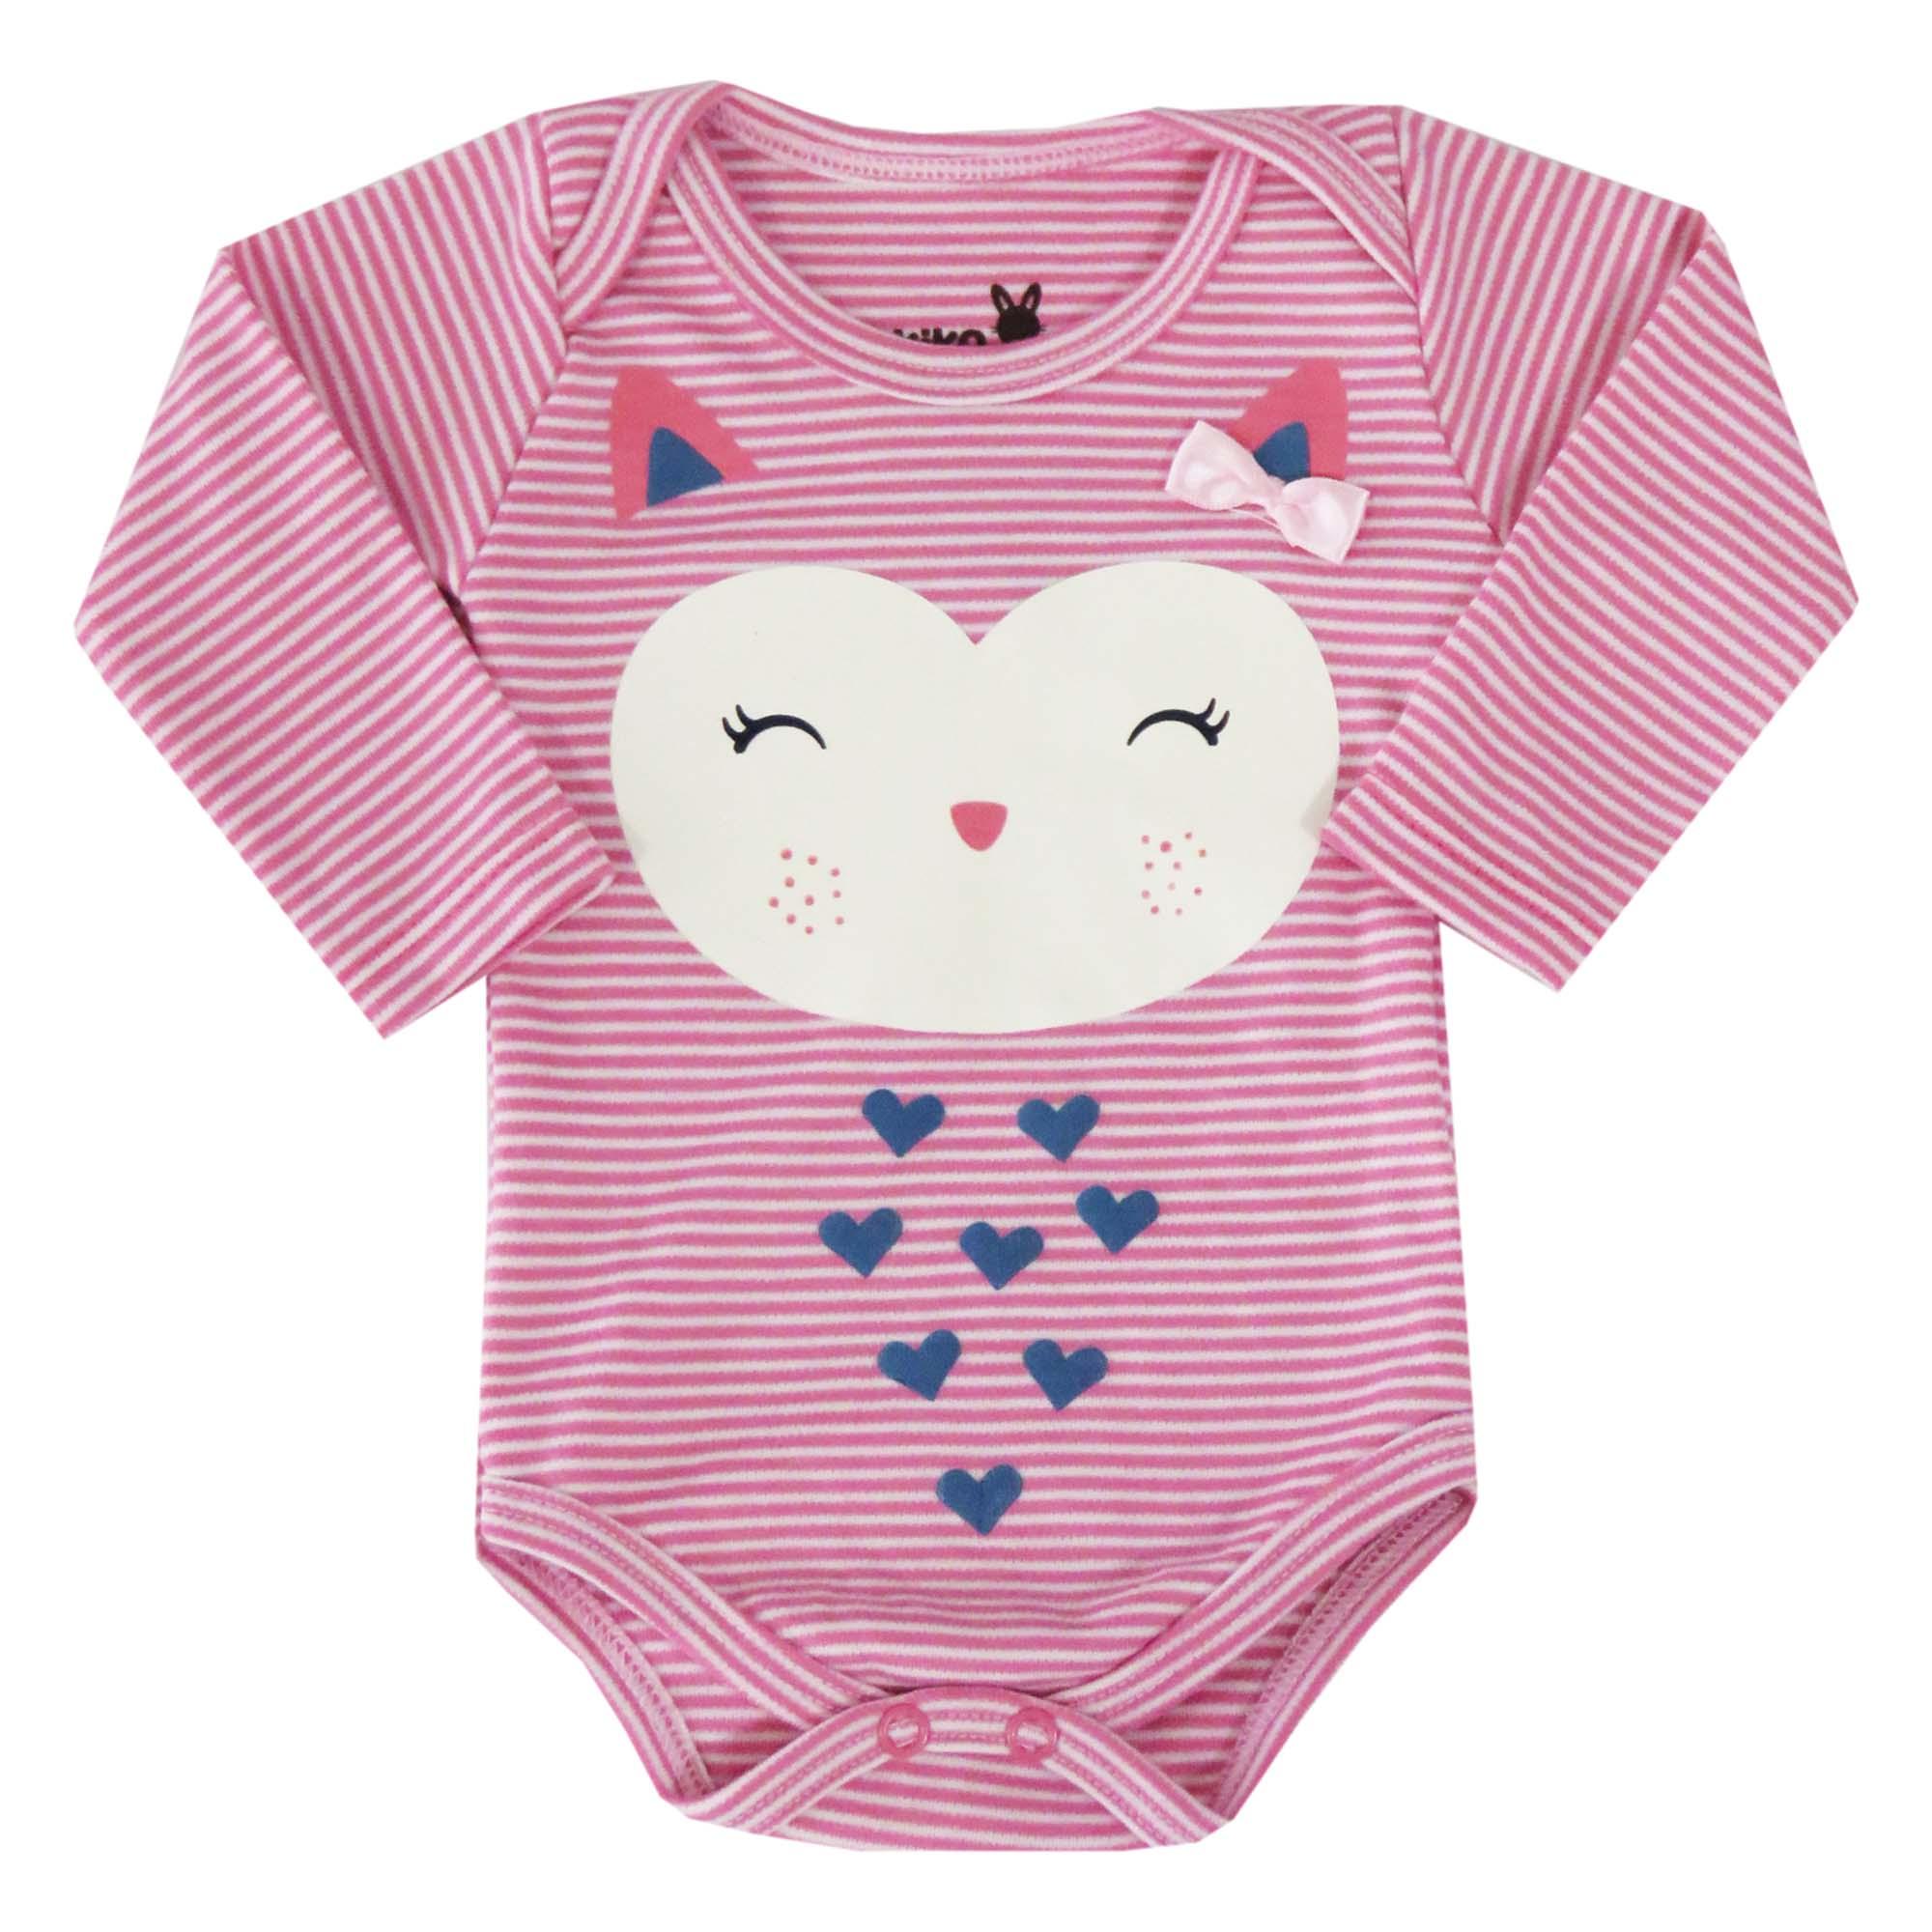 Body Kiko Baby Manga Longa de Suedine - Listrado Corujinha - RN ao G